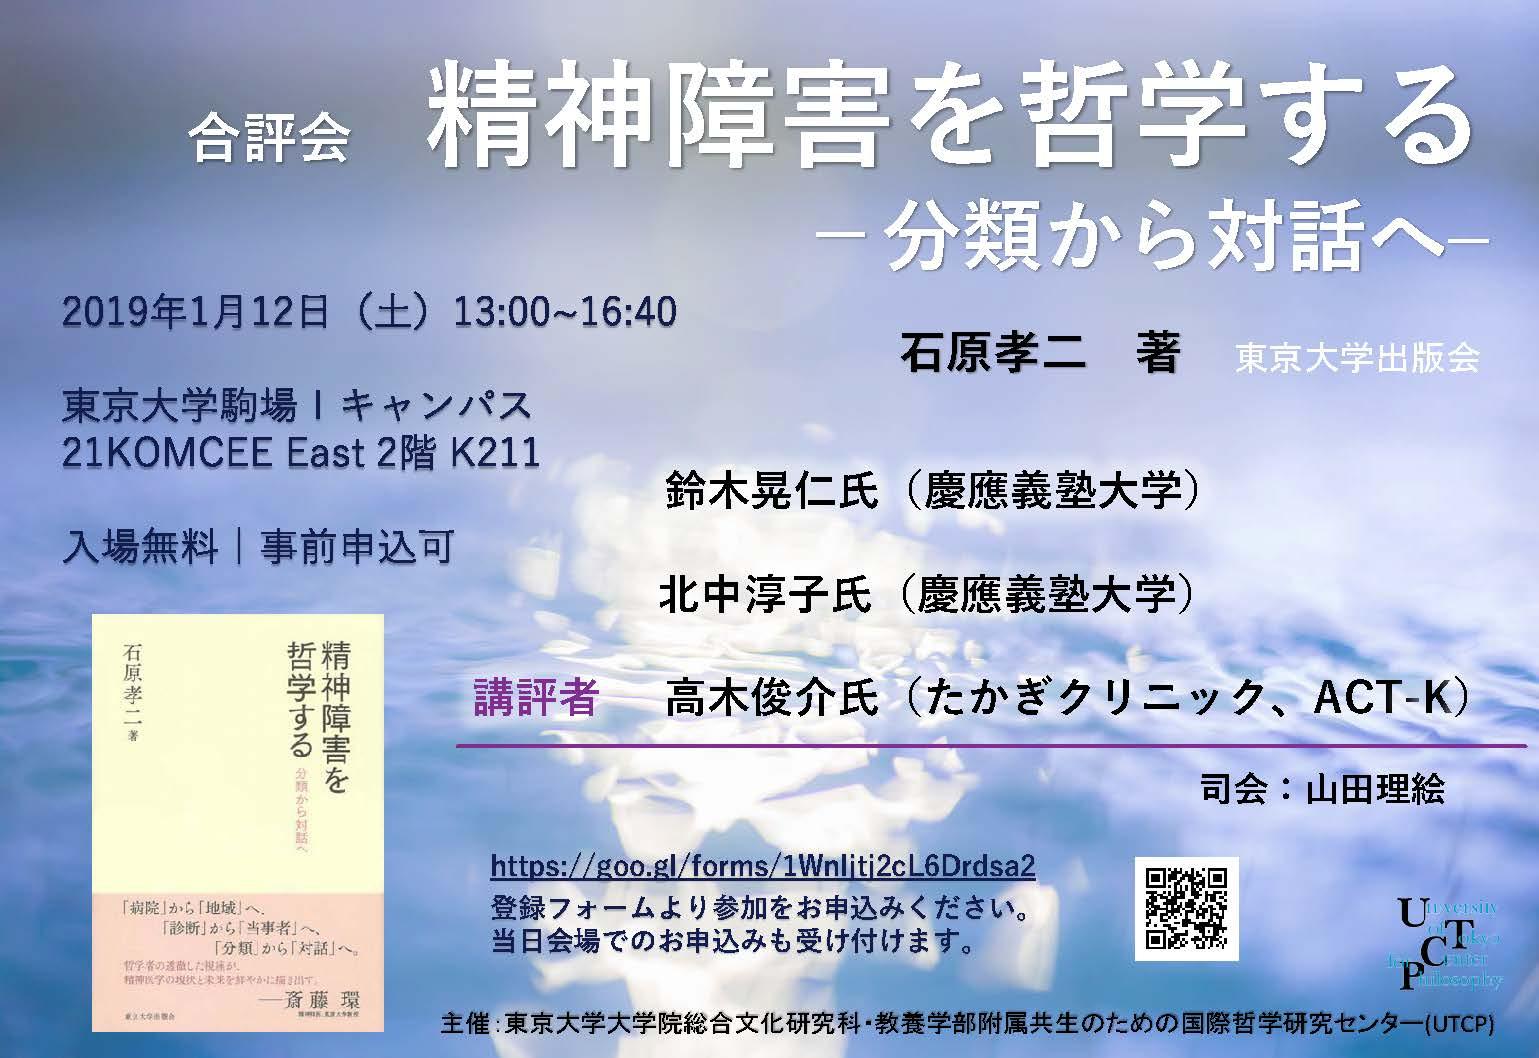 20190112_poster.jpg